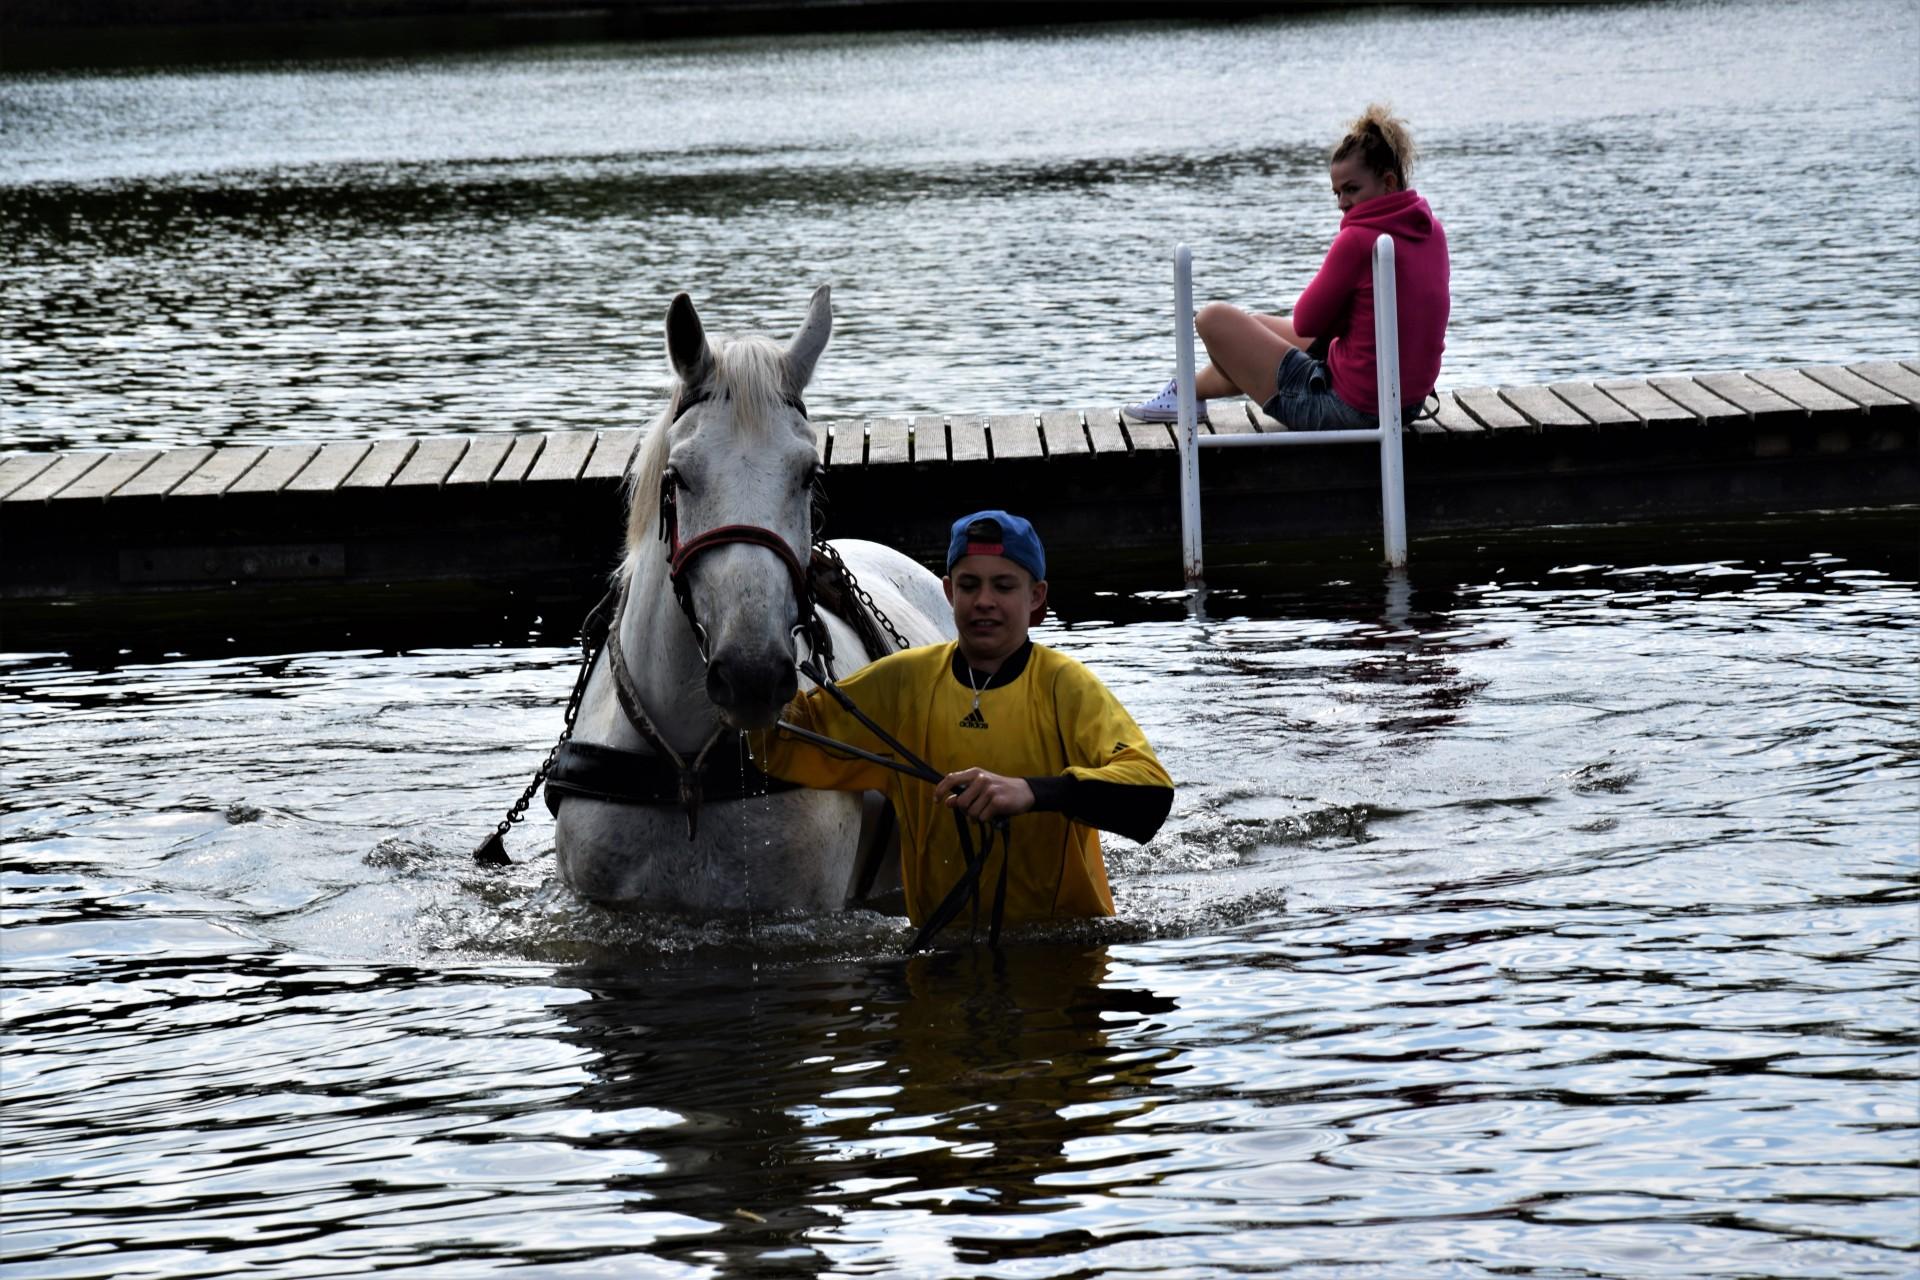 Konie, Kaszuby, Wiśta wio! Zawody w Ostrzycach [FOTOREPORTAŻ] 18